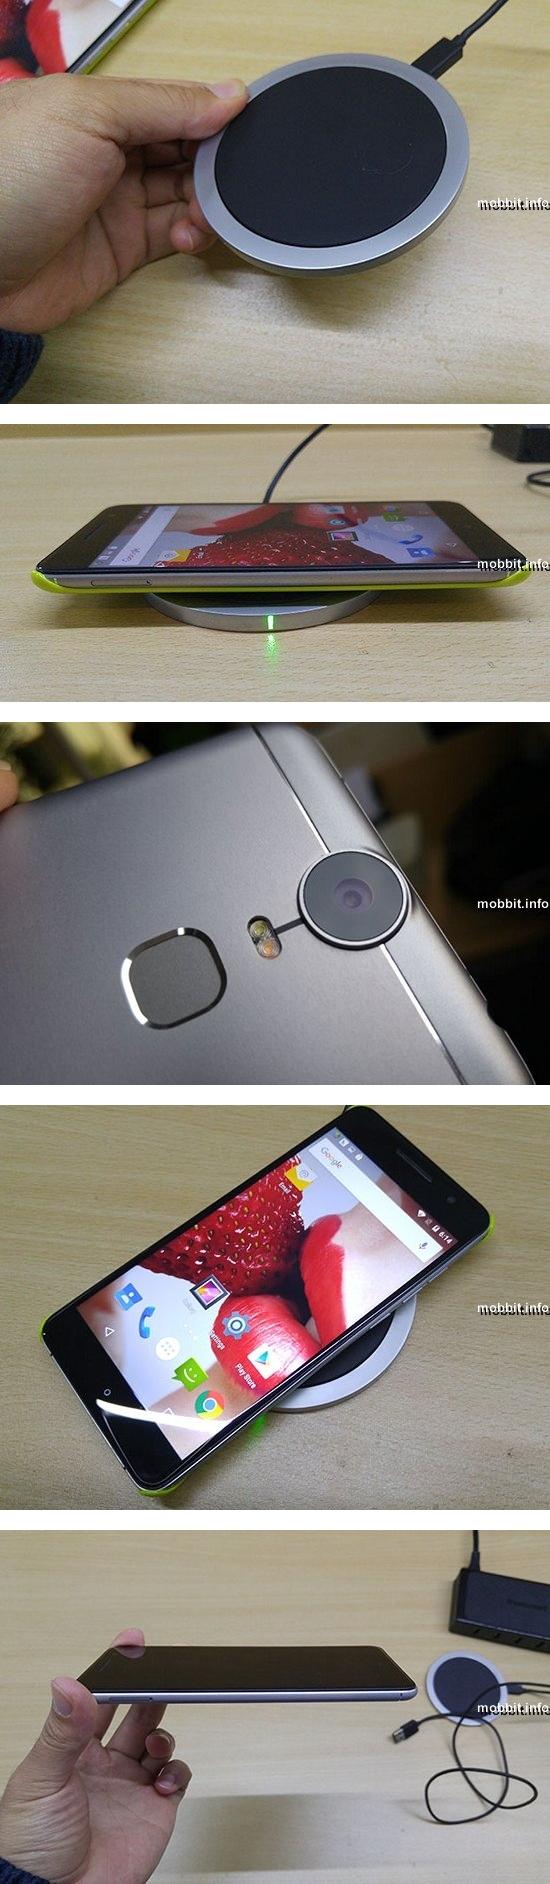 Смартфон Oukitel с поддержкой беспроводной зарядки